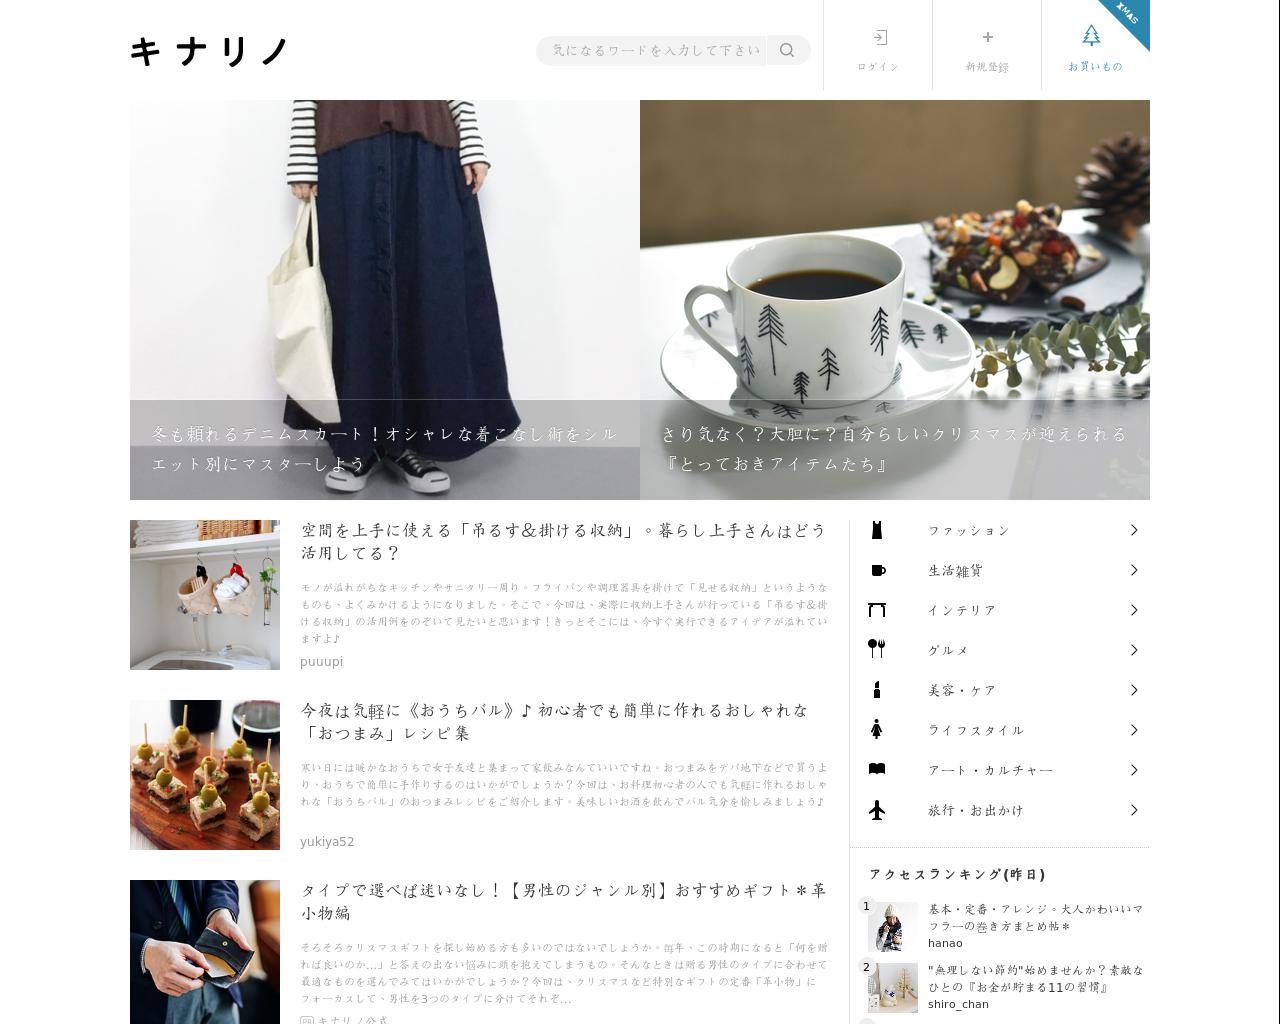 kinarino.jp(2017/12/07 04:00:35)